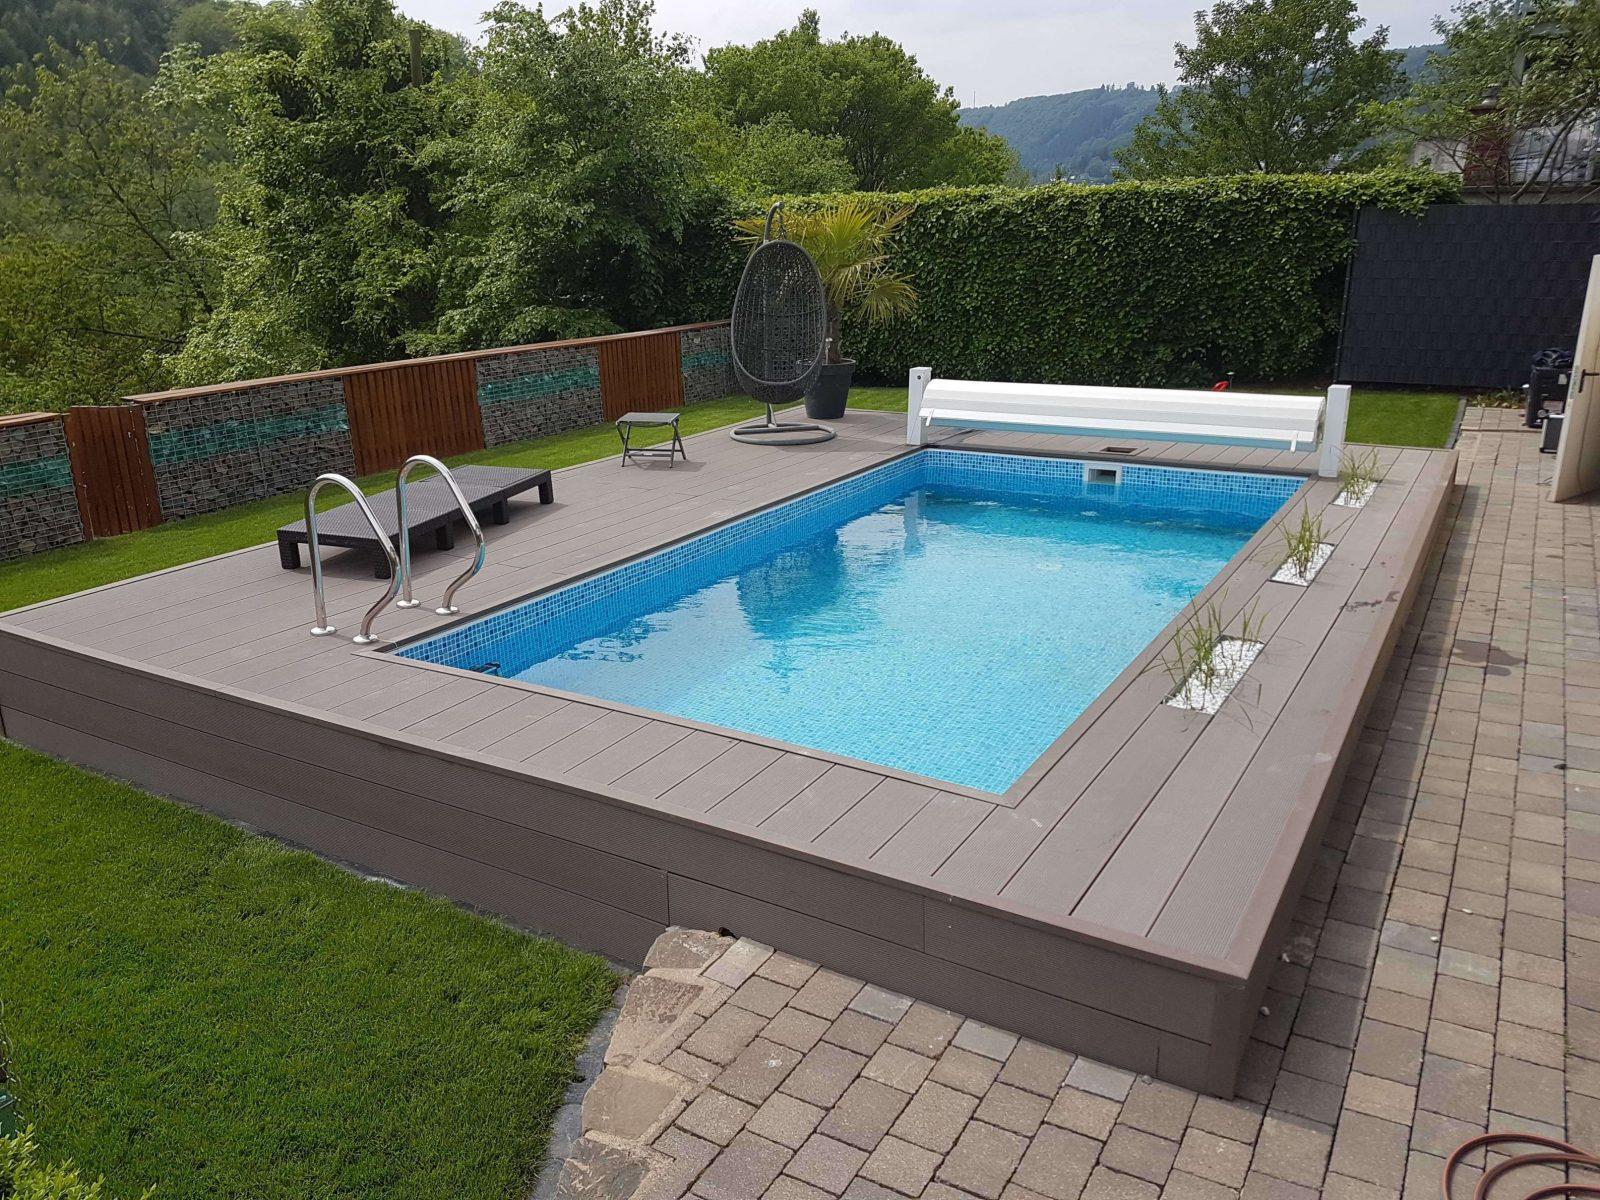 42 Das Beste Von Eingebauter Pool Im Garten Grafik Inspiration Von von Mini Pool Im Garten Bild